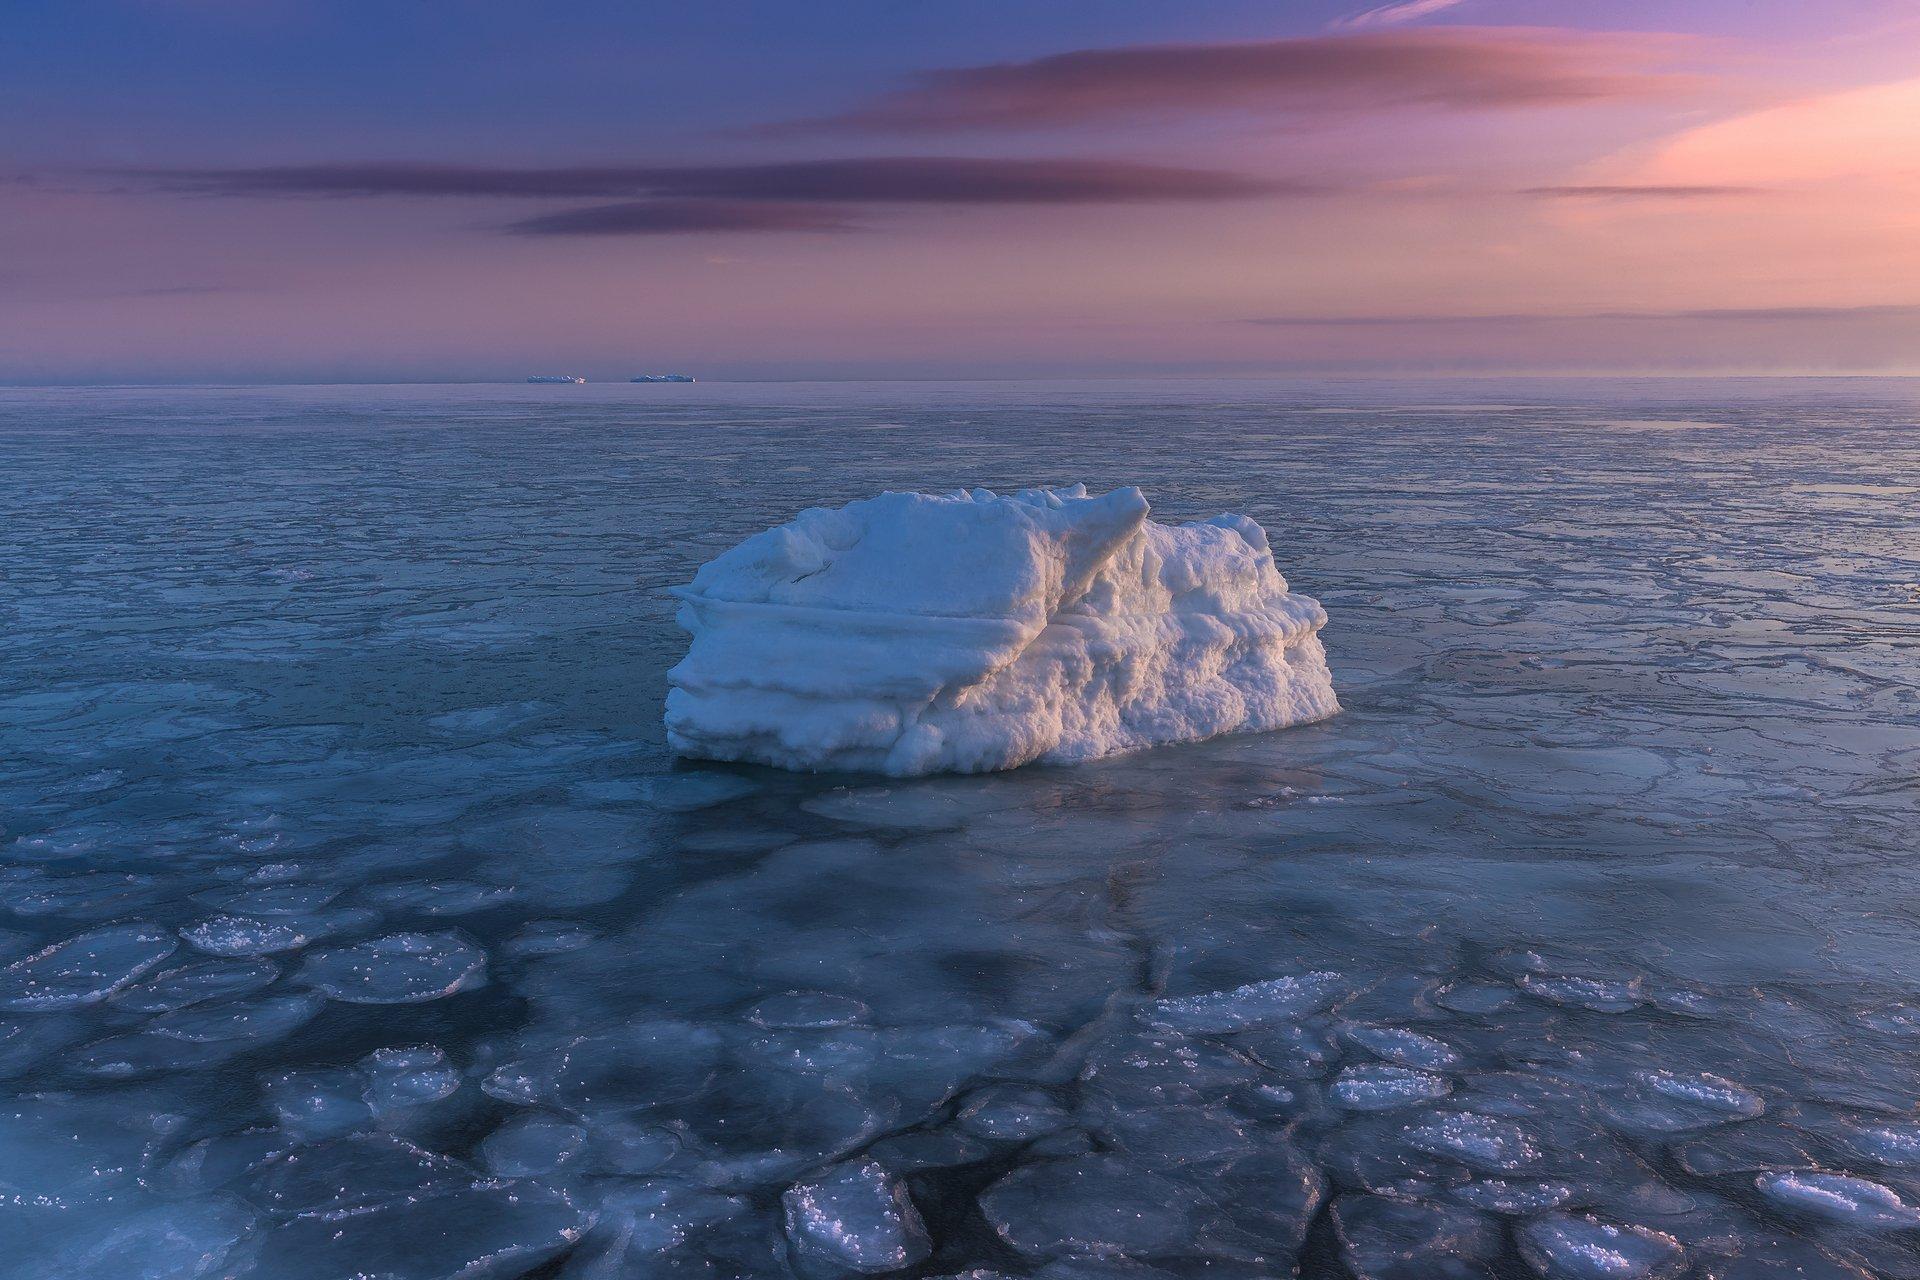 охотское море, лед, зима, мороз, море, ледостав, север, льдины, айсберг, сахалин, охотоморье, сахалинская область, зимовка на сахалине, photojourneysru, Кирилл Уютнов